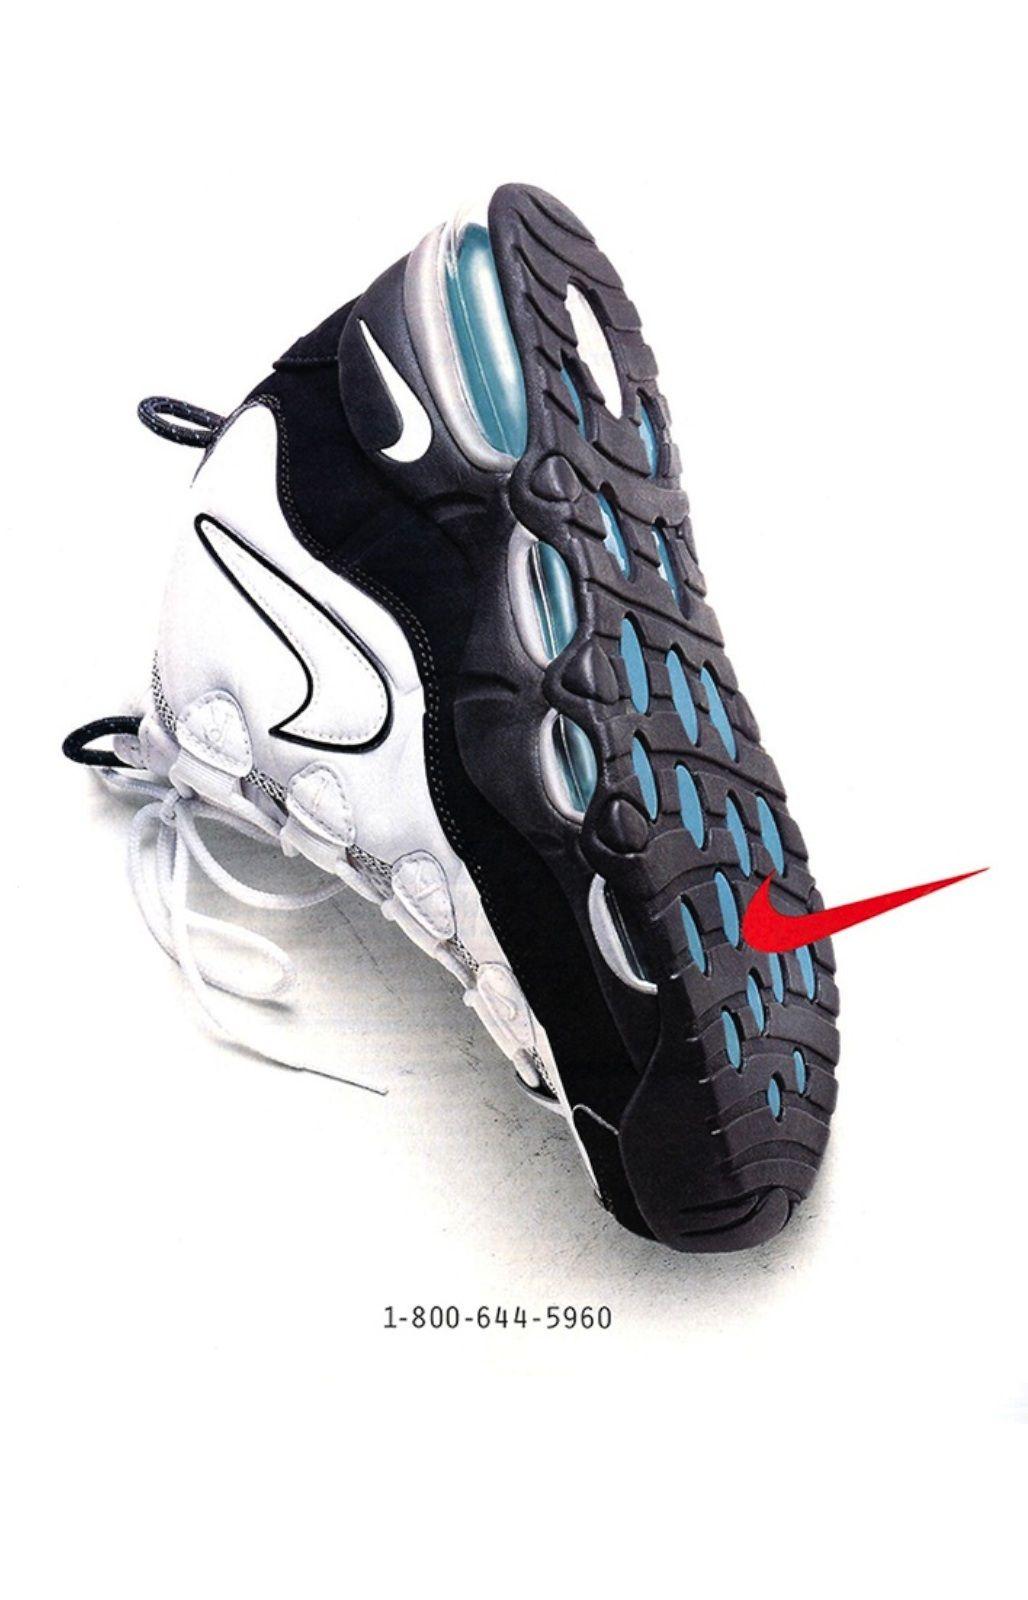 new arrival e47c9 2df9f Pin de Roberto Tobar en NIKE SHOES en 2019   Sneakers, Nike y Nike air max  jordan